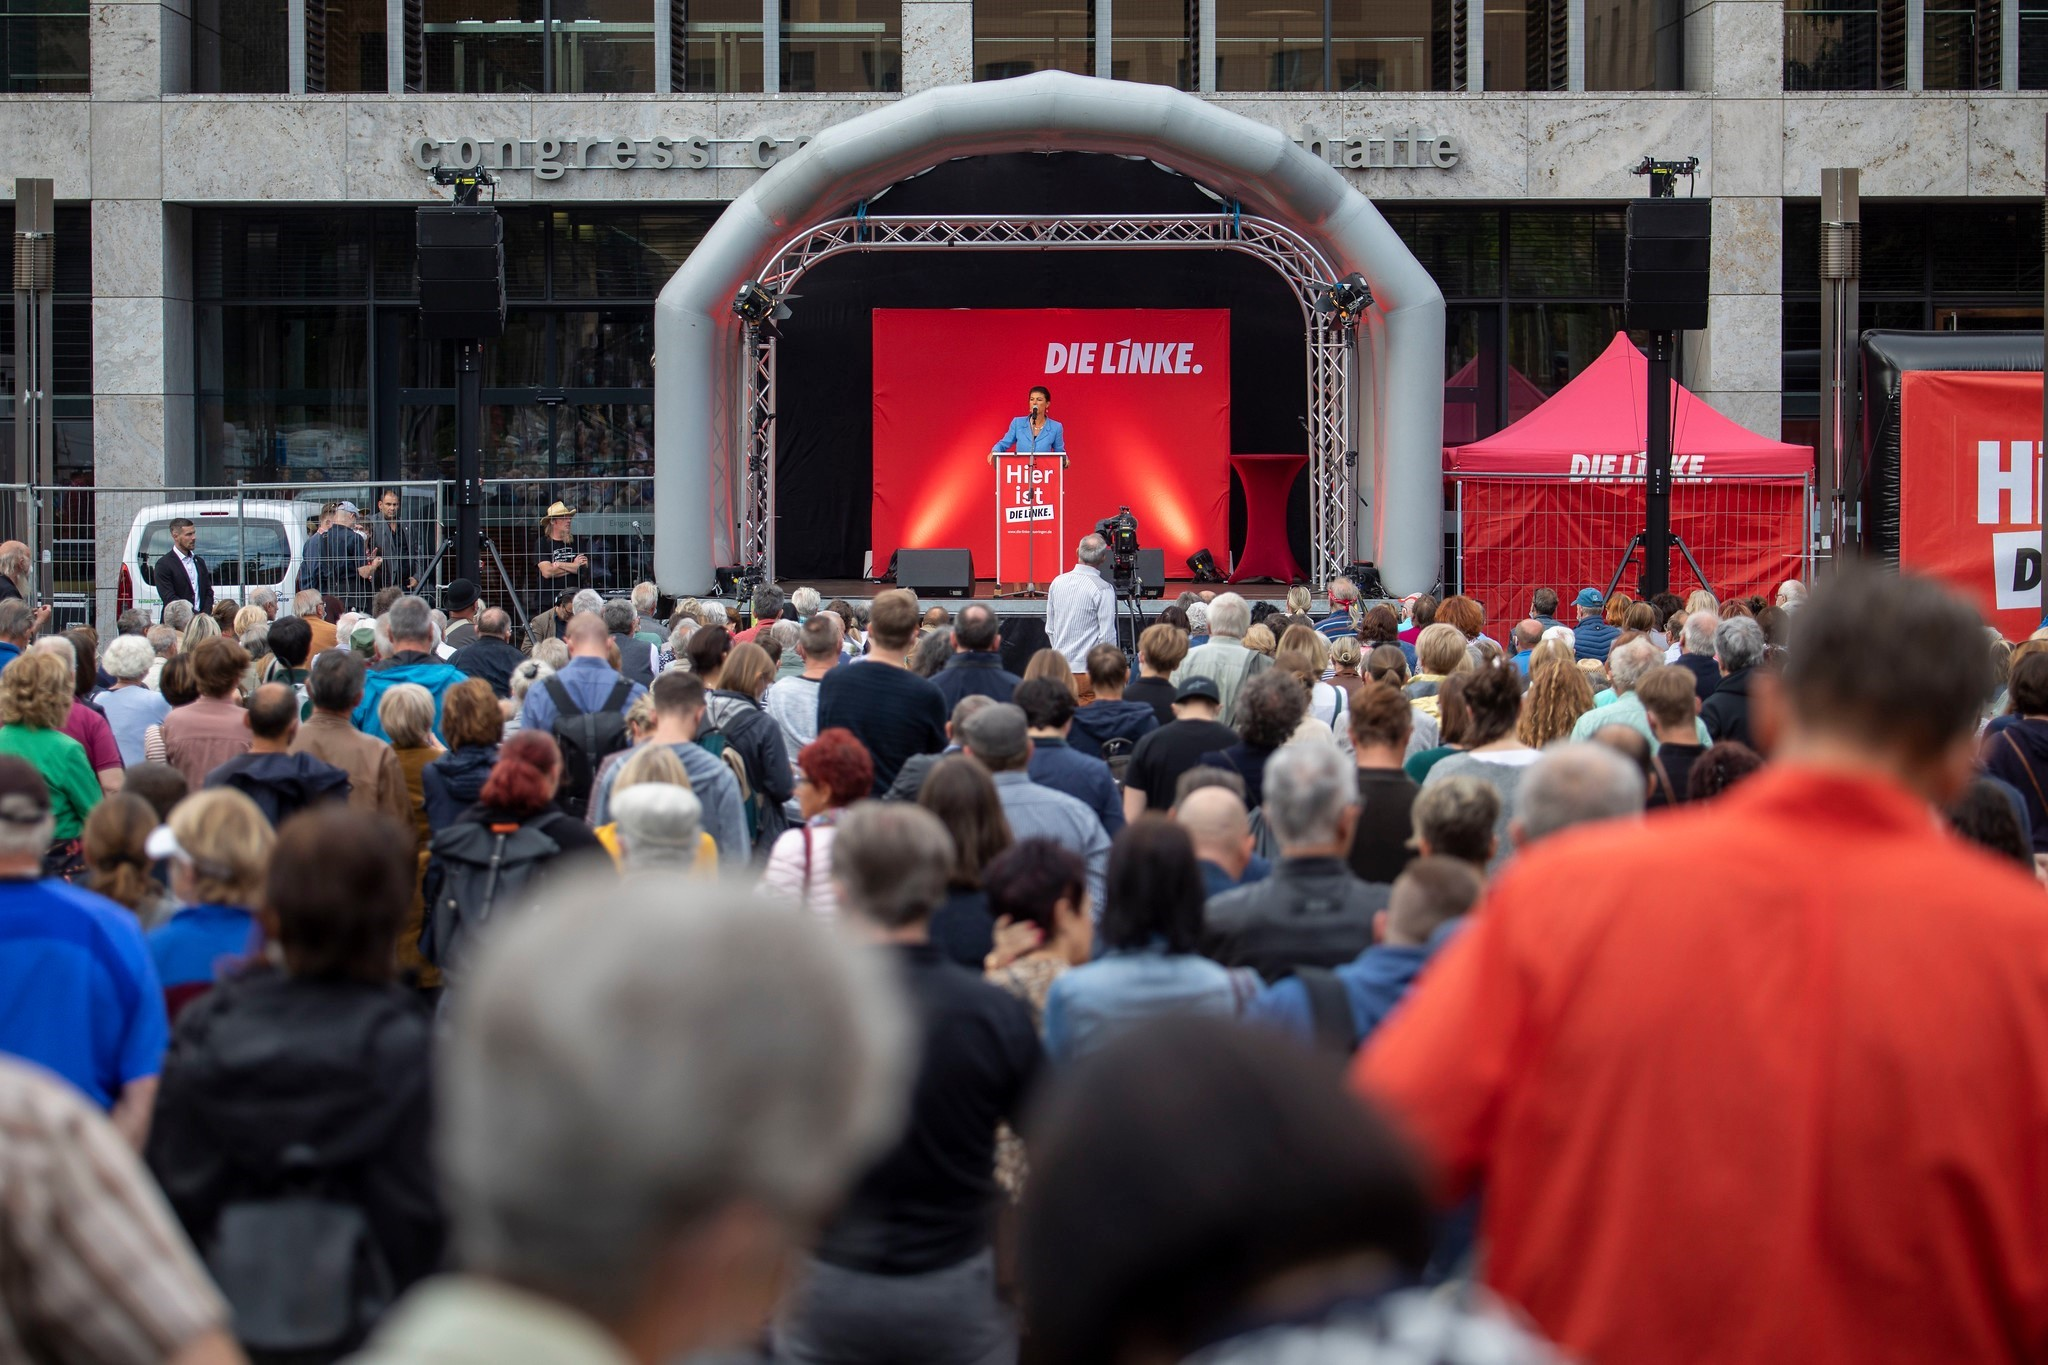 לקראת מהפך בגרמניה? מפלגת השמאל מציעה ממשלת שינוי עם הסוציאל-דמוקרטיה והירוקים